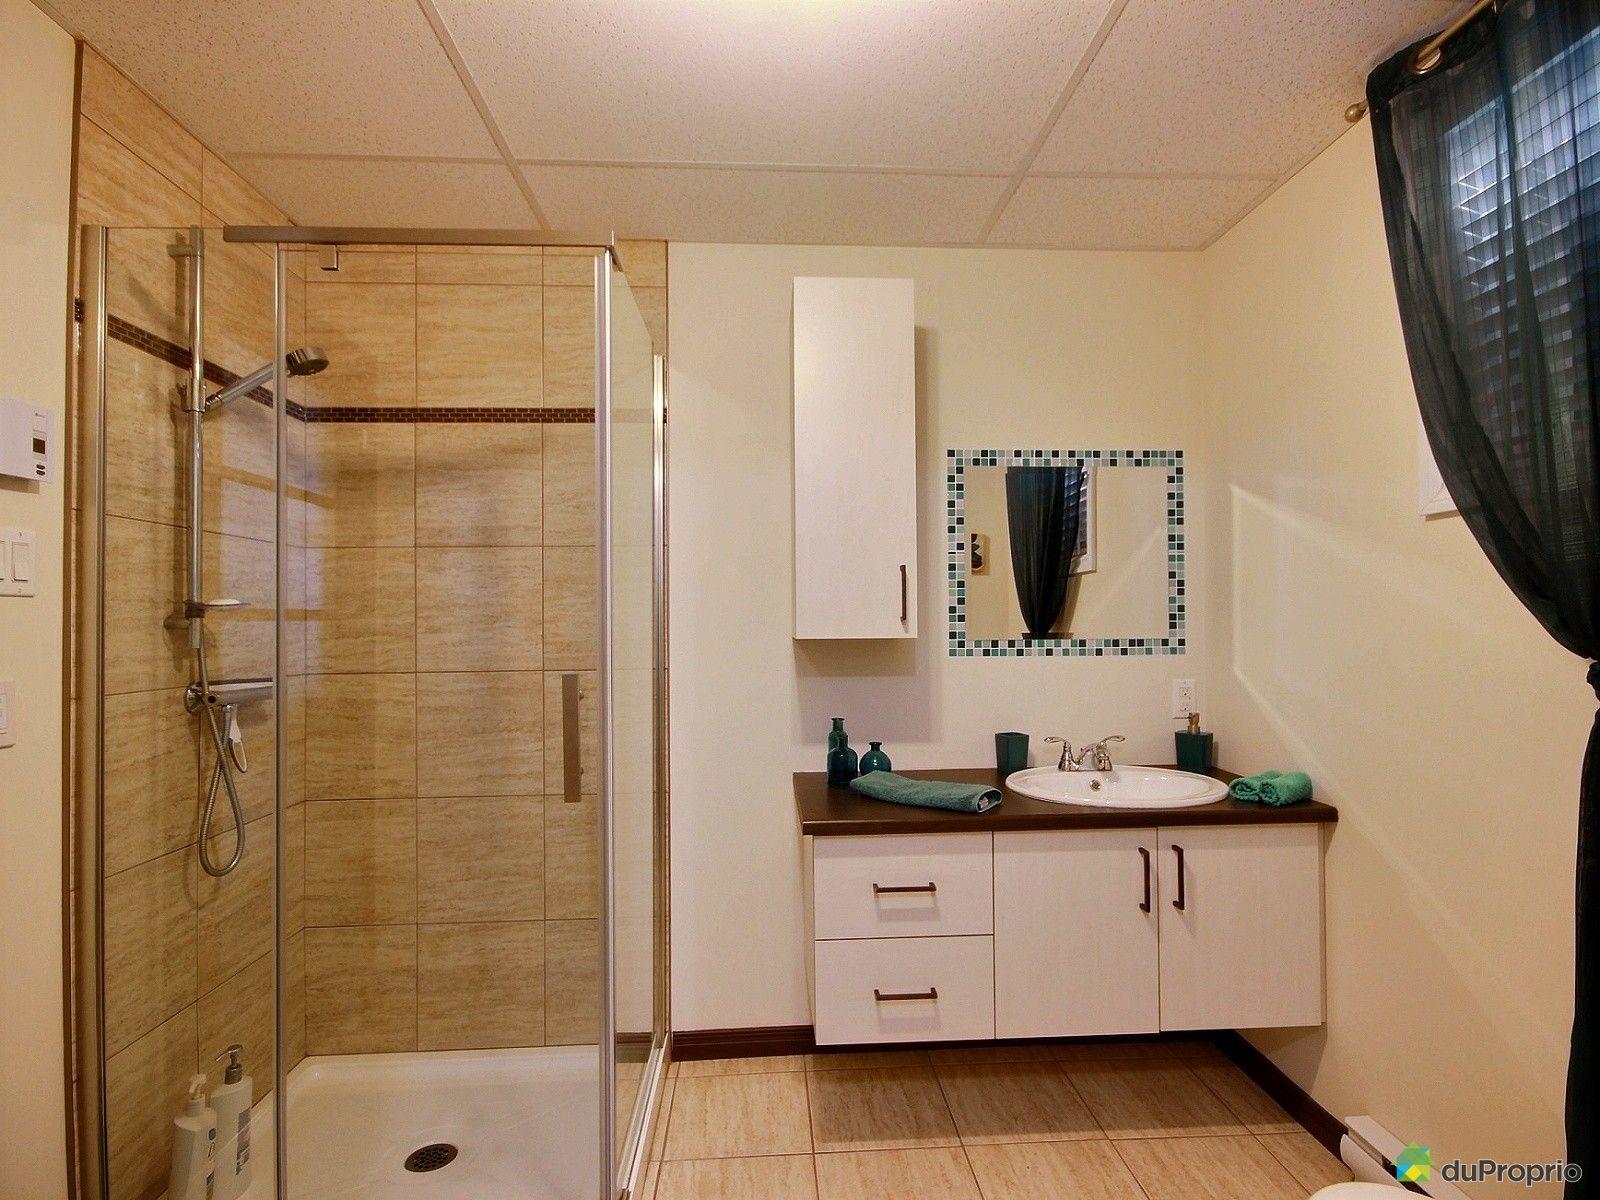 Jumel vendre jonqui re 2989 rue du rubis immobilier for Salle de bain sous sol sans fenetre